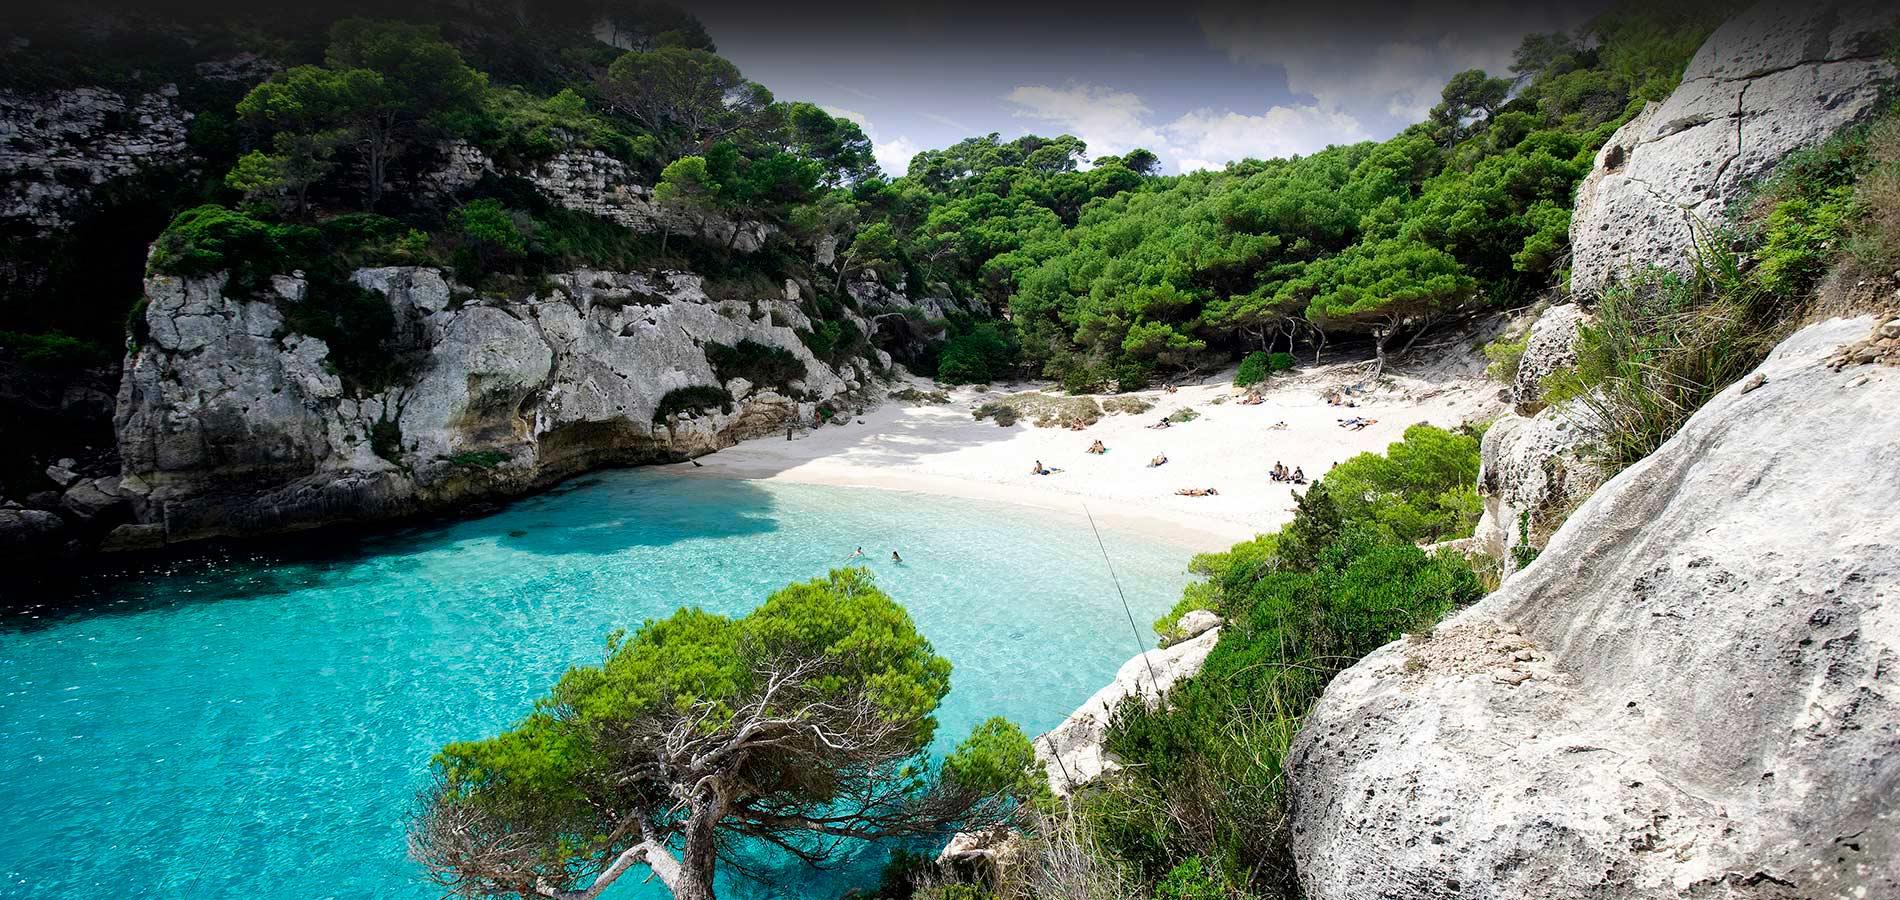 Le spiagge di Minorca: il Caribe nel Mediterraneo